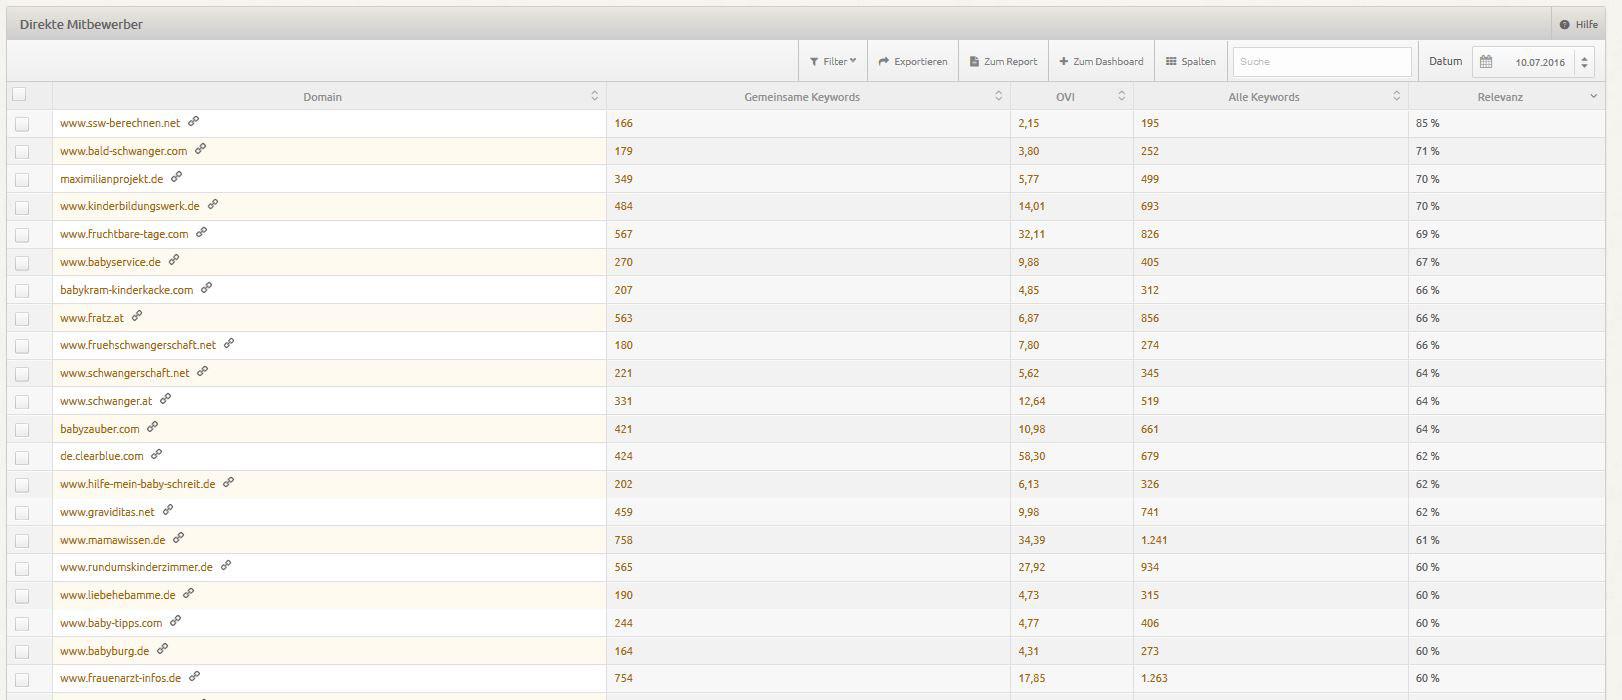 Mit XOVI lassen sich auch Wettbewerber eines Webseite identifizieren, die ebenfalls als Traffic-Quelle genutzt werden können